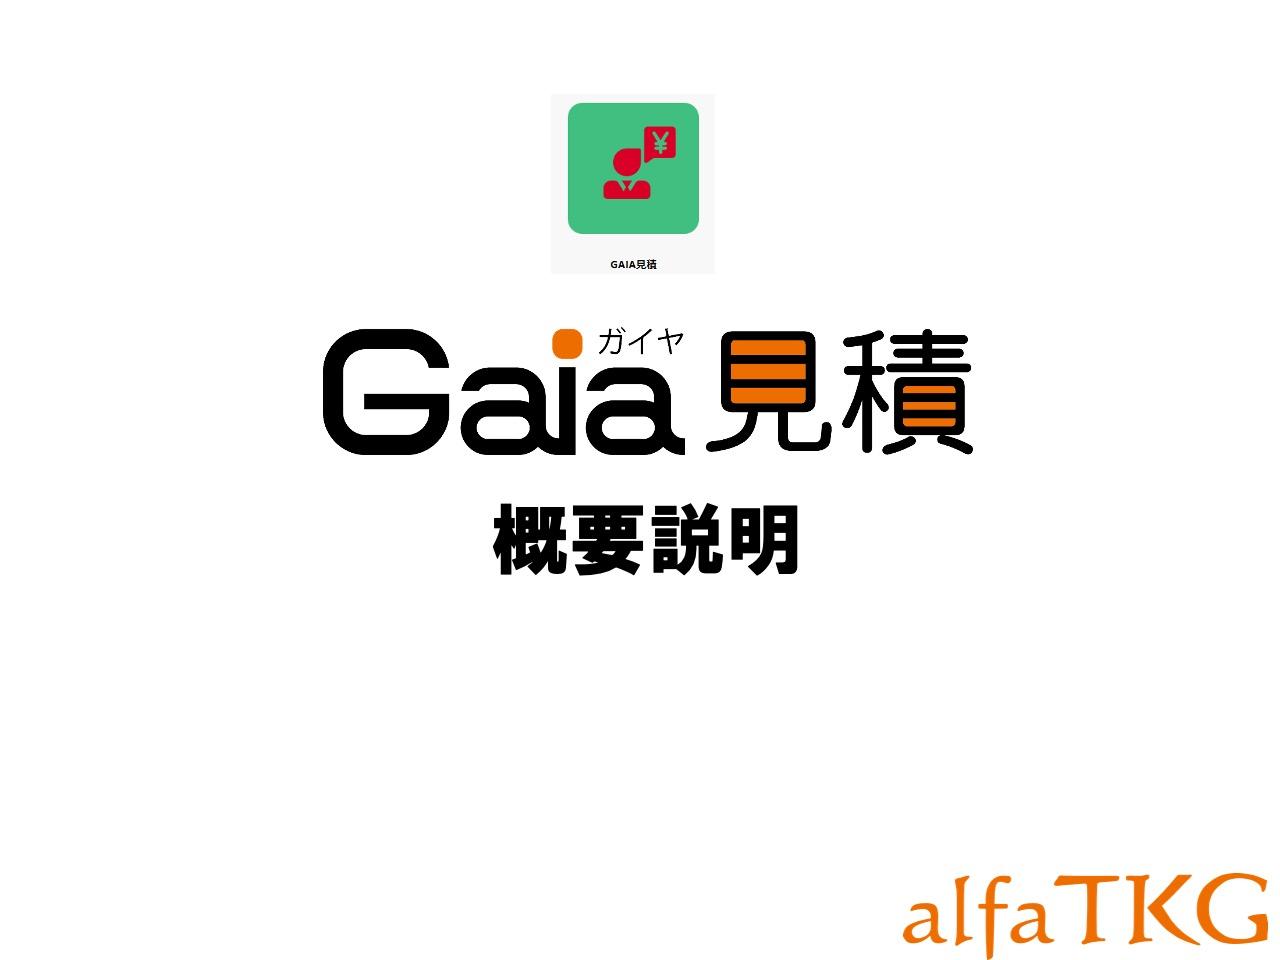 05-Gaia見積り概要_20200507